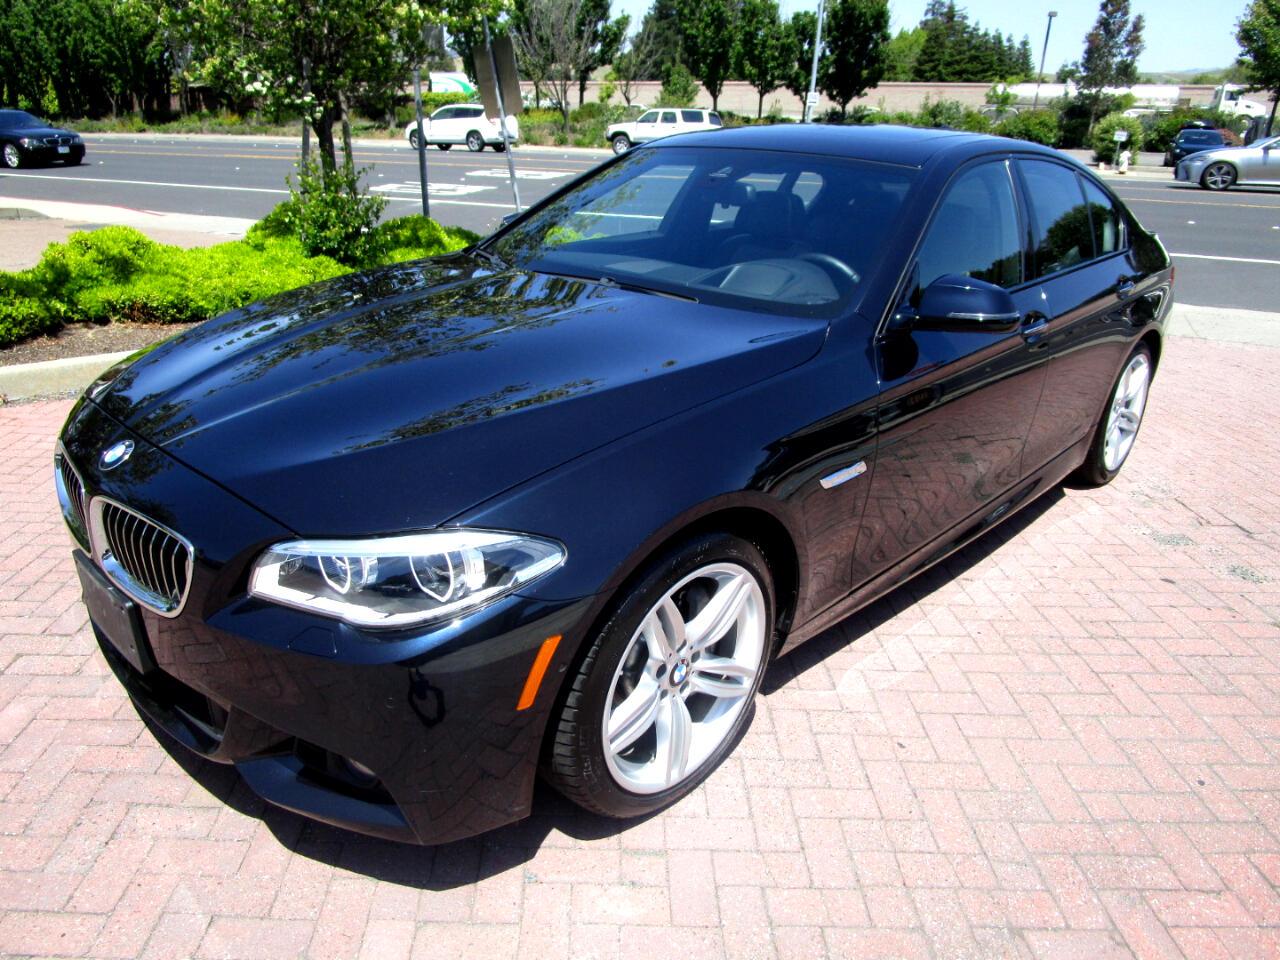 2016 BMW 535d DEISEL**M SPORT*PREM PKG*DRIVER ASST PLUS*LUX SEAT